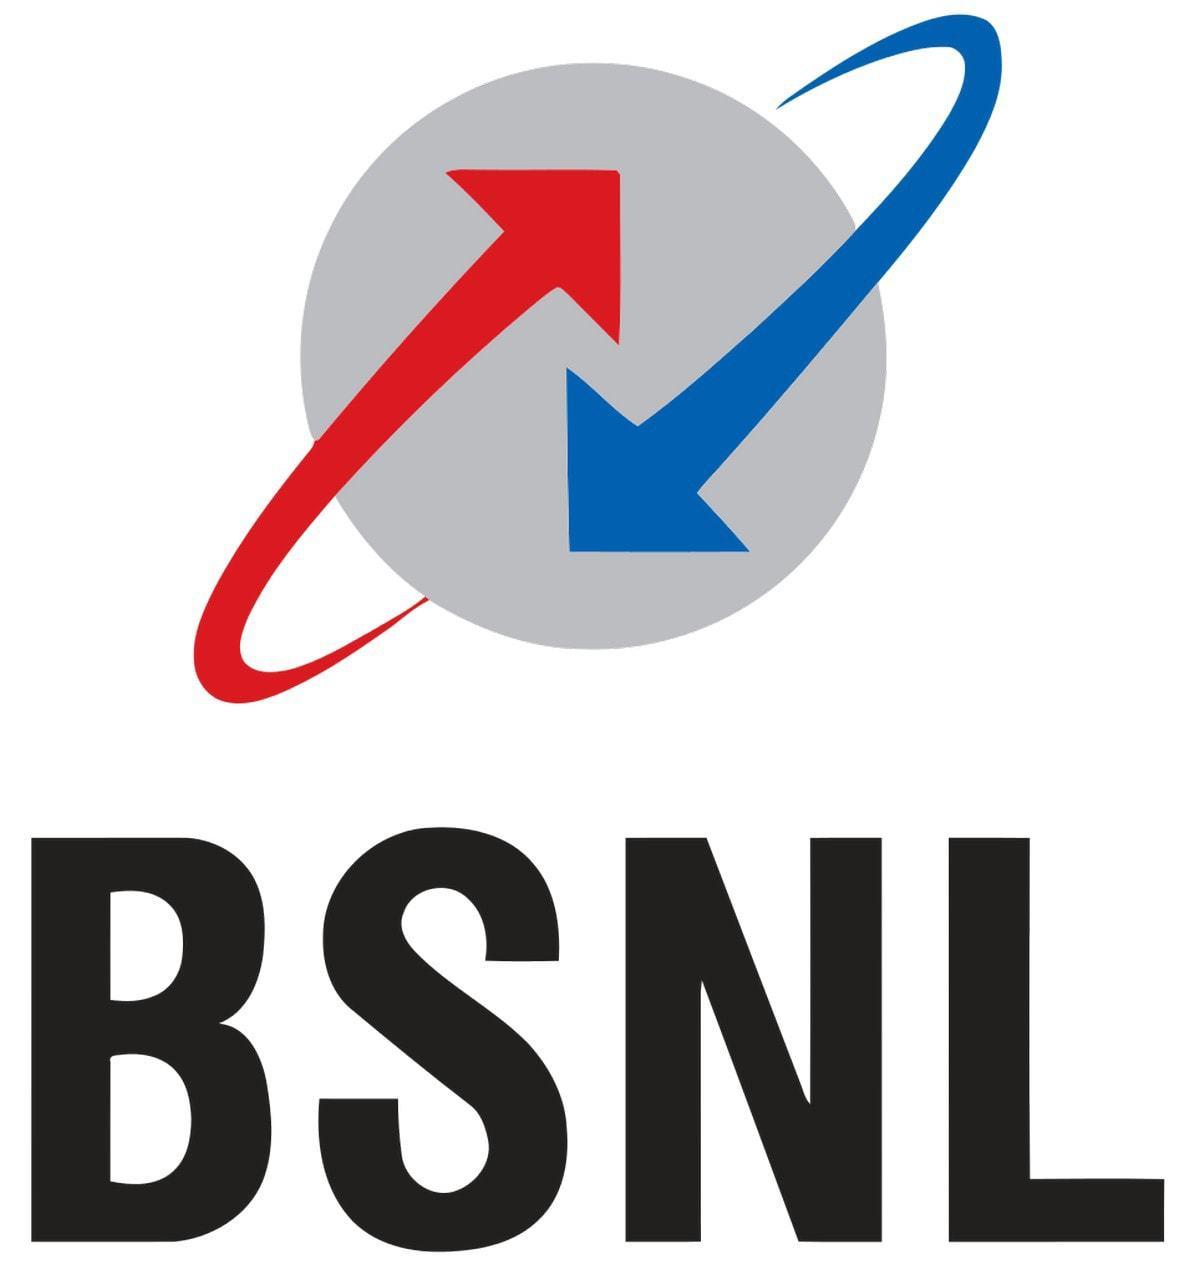 Marketing mix of BSNL - BSNL marketing mix